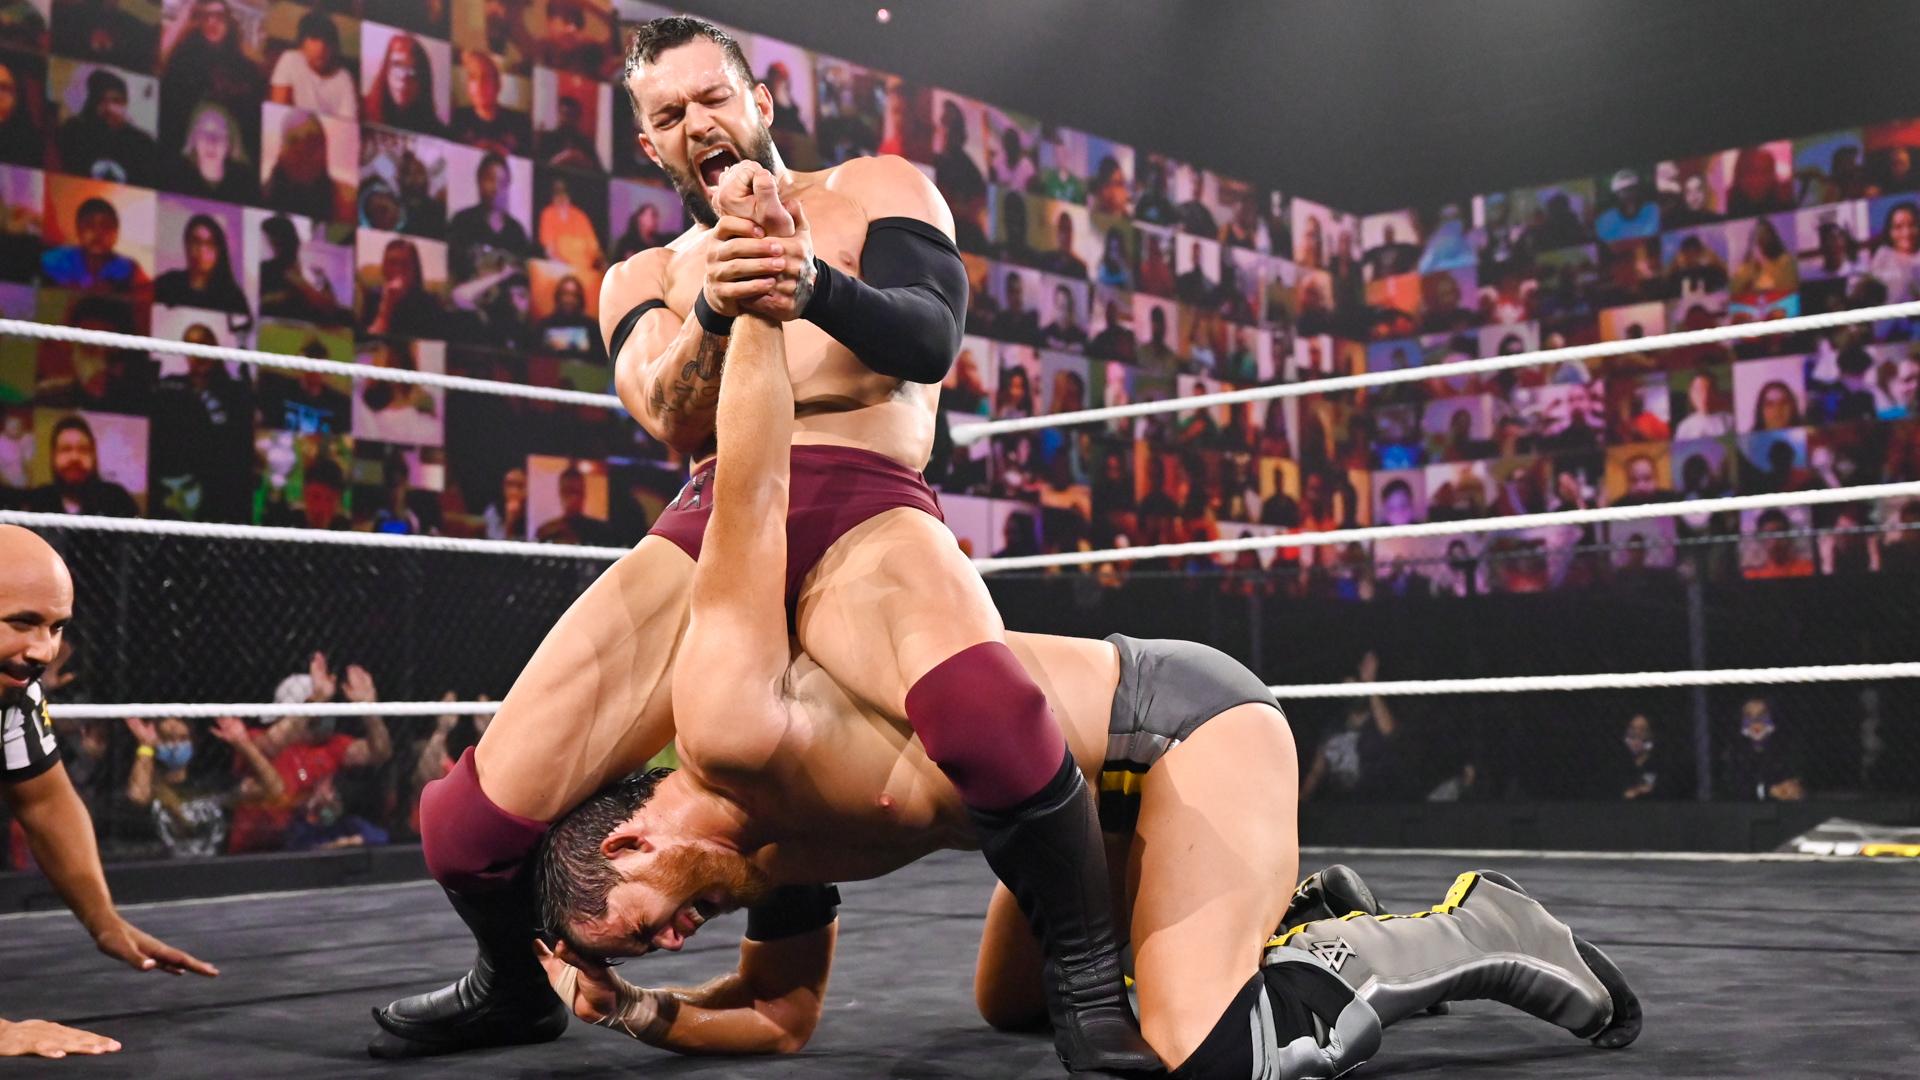 Evento principal do NXT TakeOver 31 terminou mais cedo do que planejado